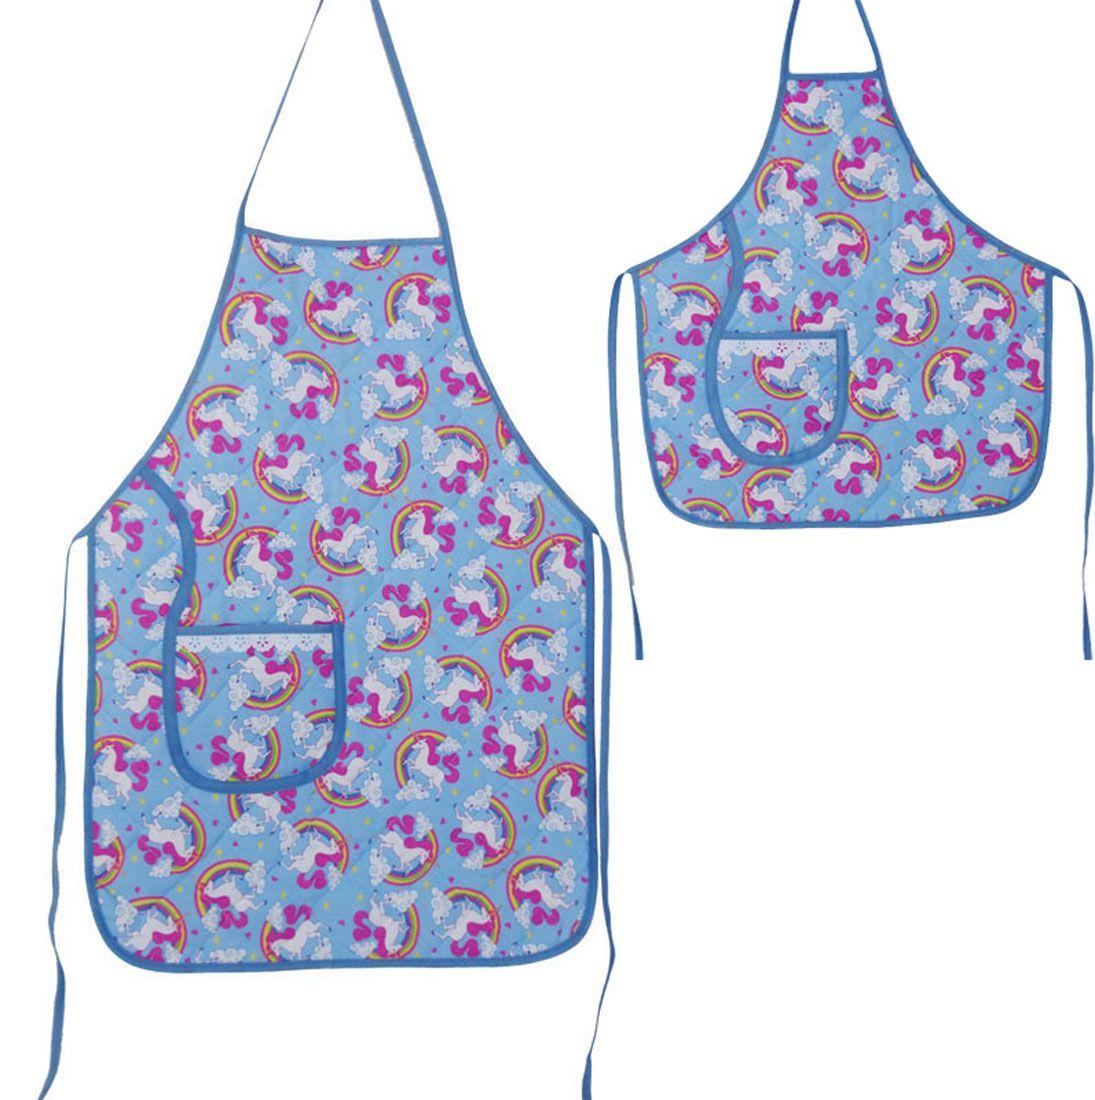 Avental De Cozinha Mãe E Filha Unicórnio Azul  - RECANTO DA COSTURA